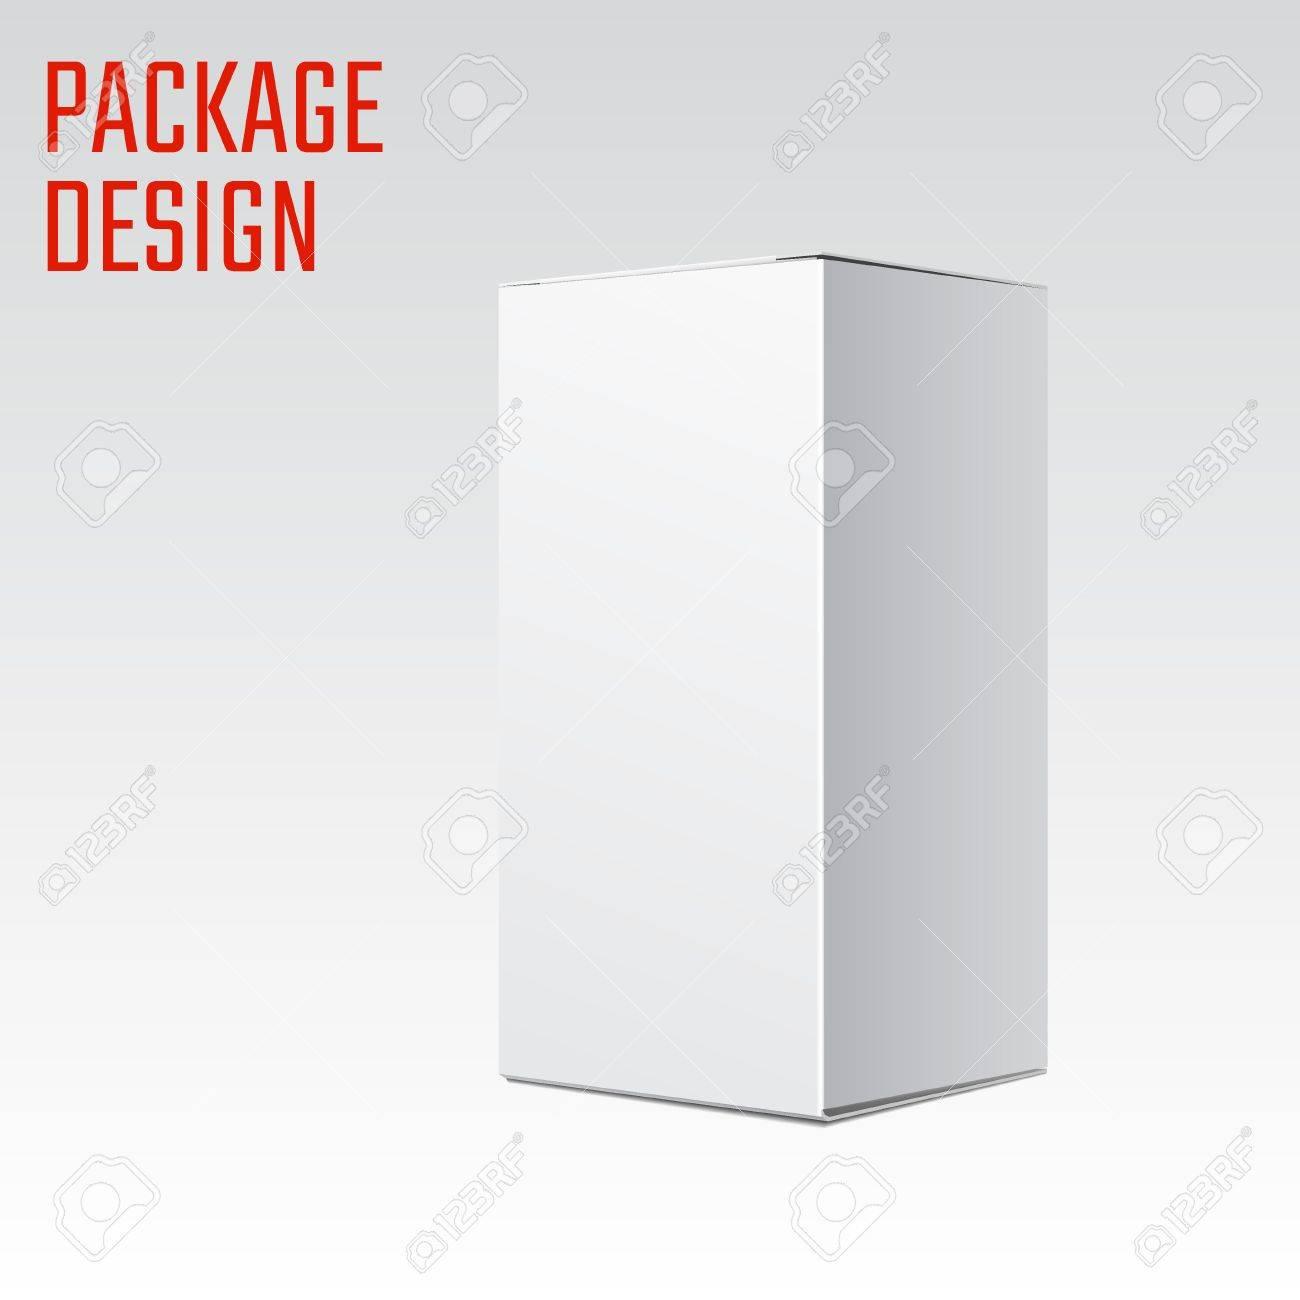 Ilustración Vectorial De Blanco Producto Caja De Cartón Del Paquete ...